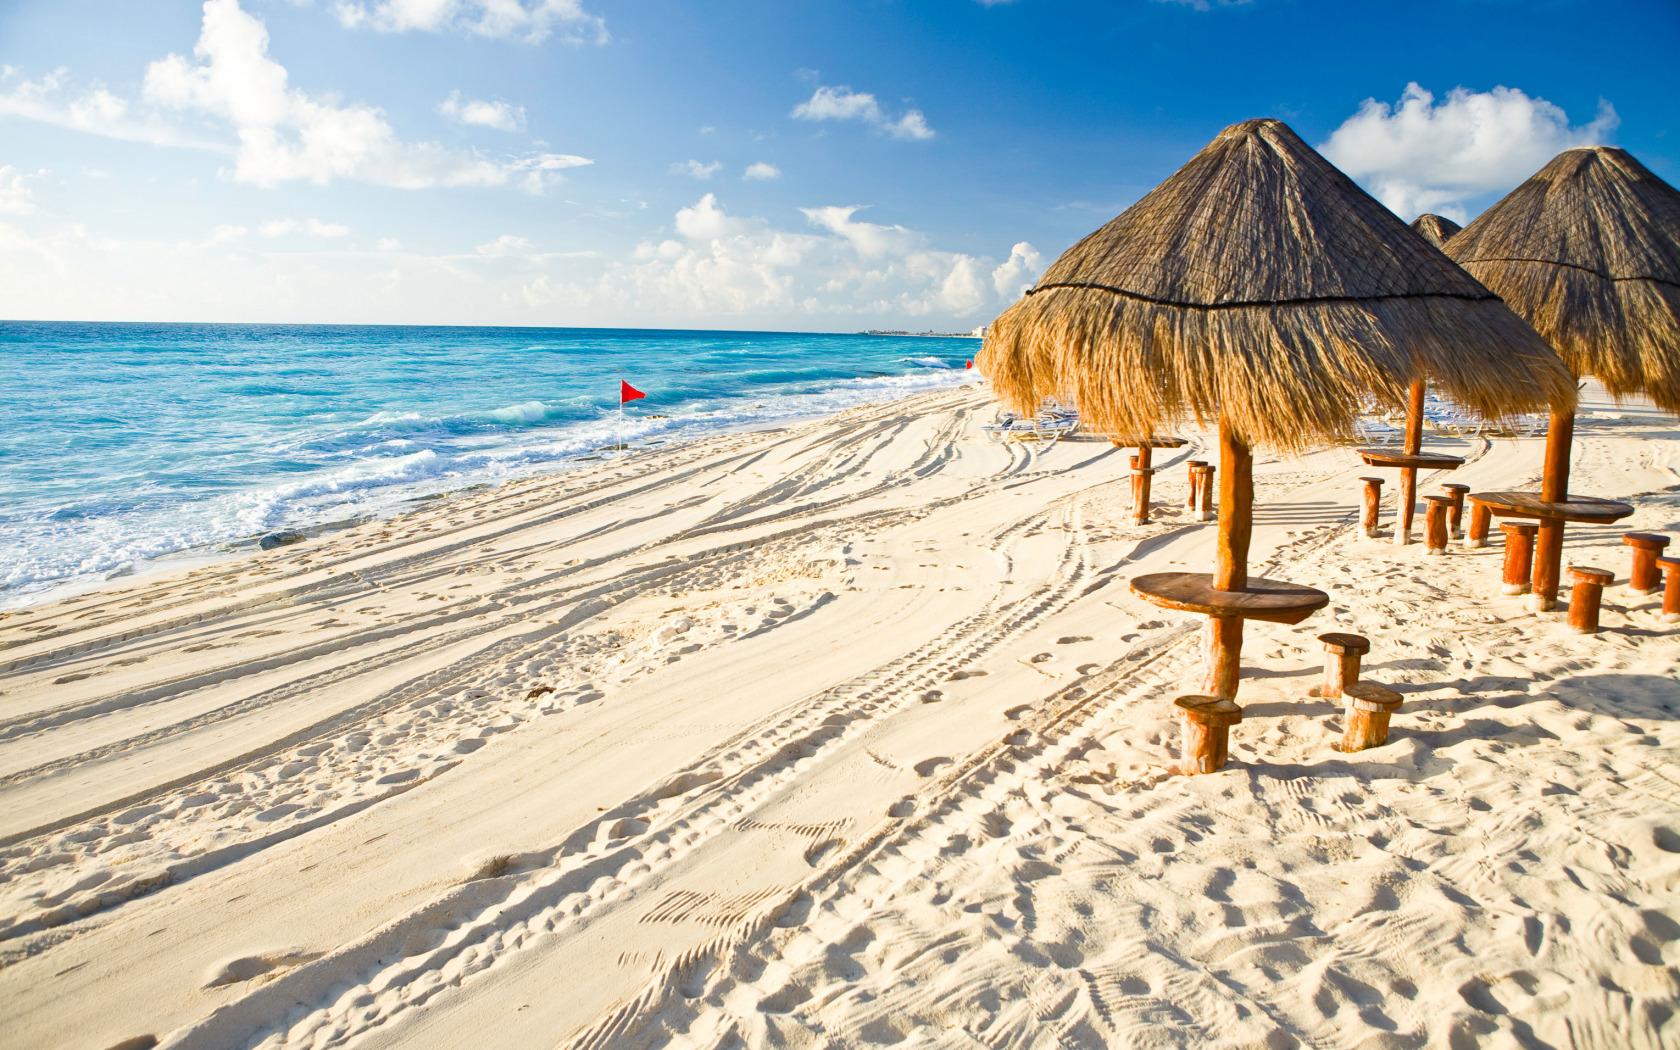 Hooters Cancún transmitimos todos los deportes tenemos las mejores alitas y servicio a domicilio